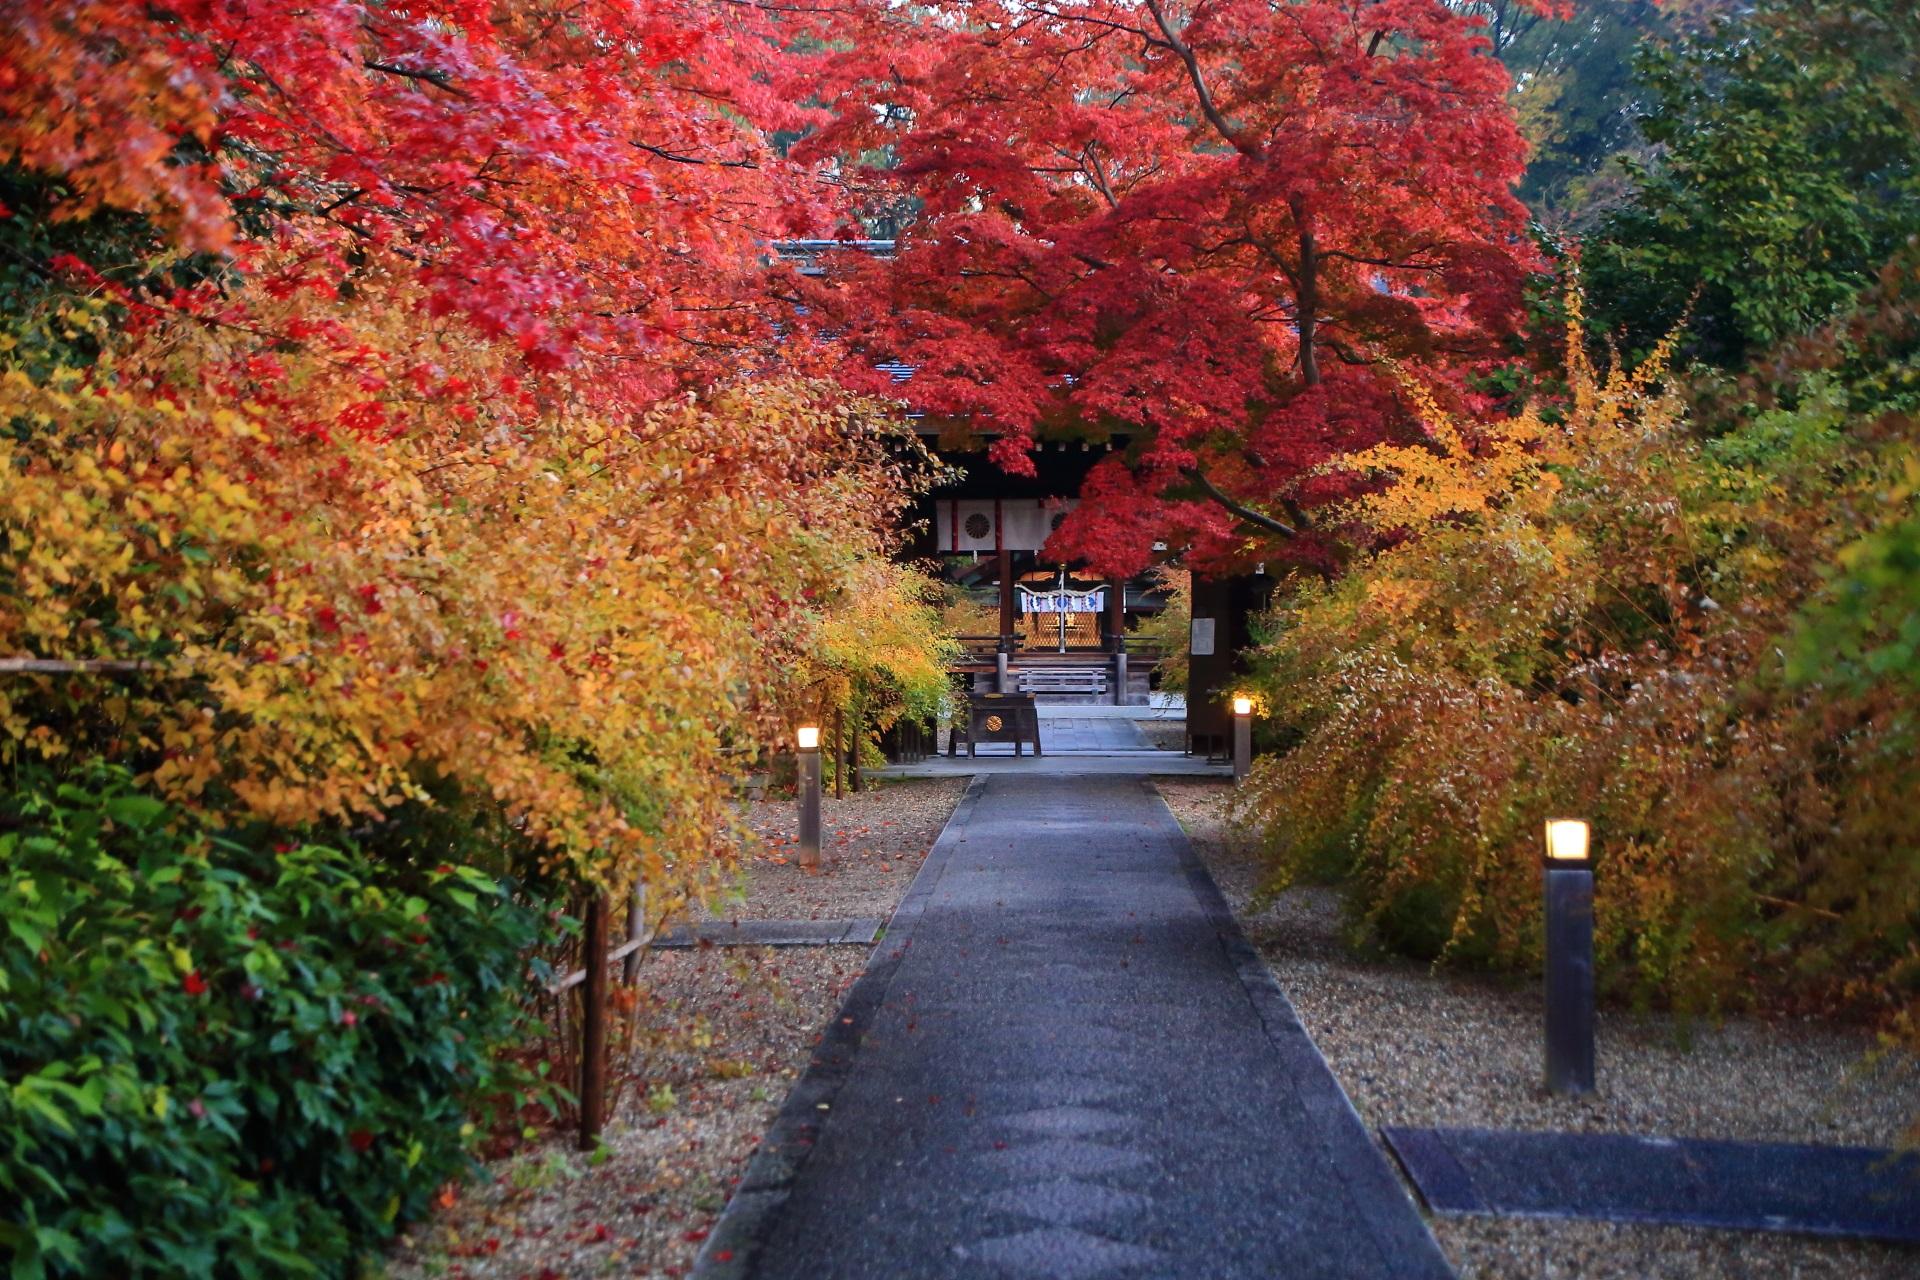 梨木神社の独り占めの紅葉の参道